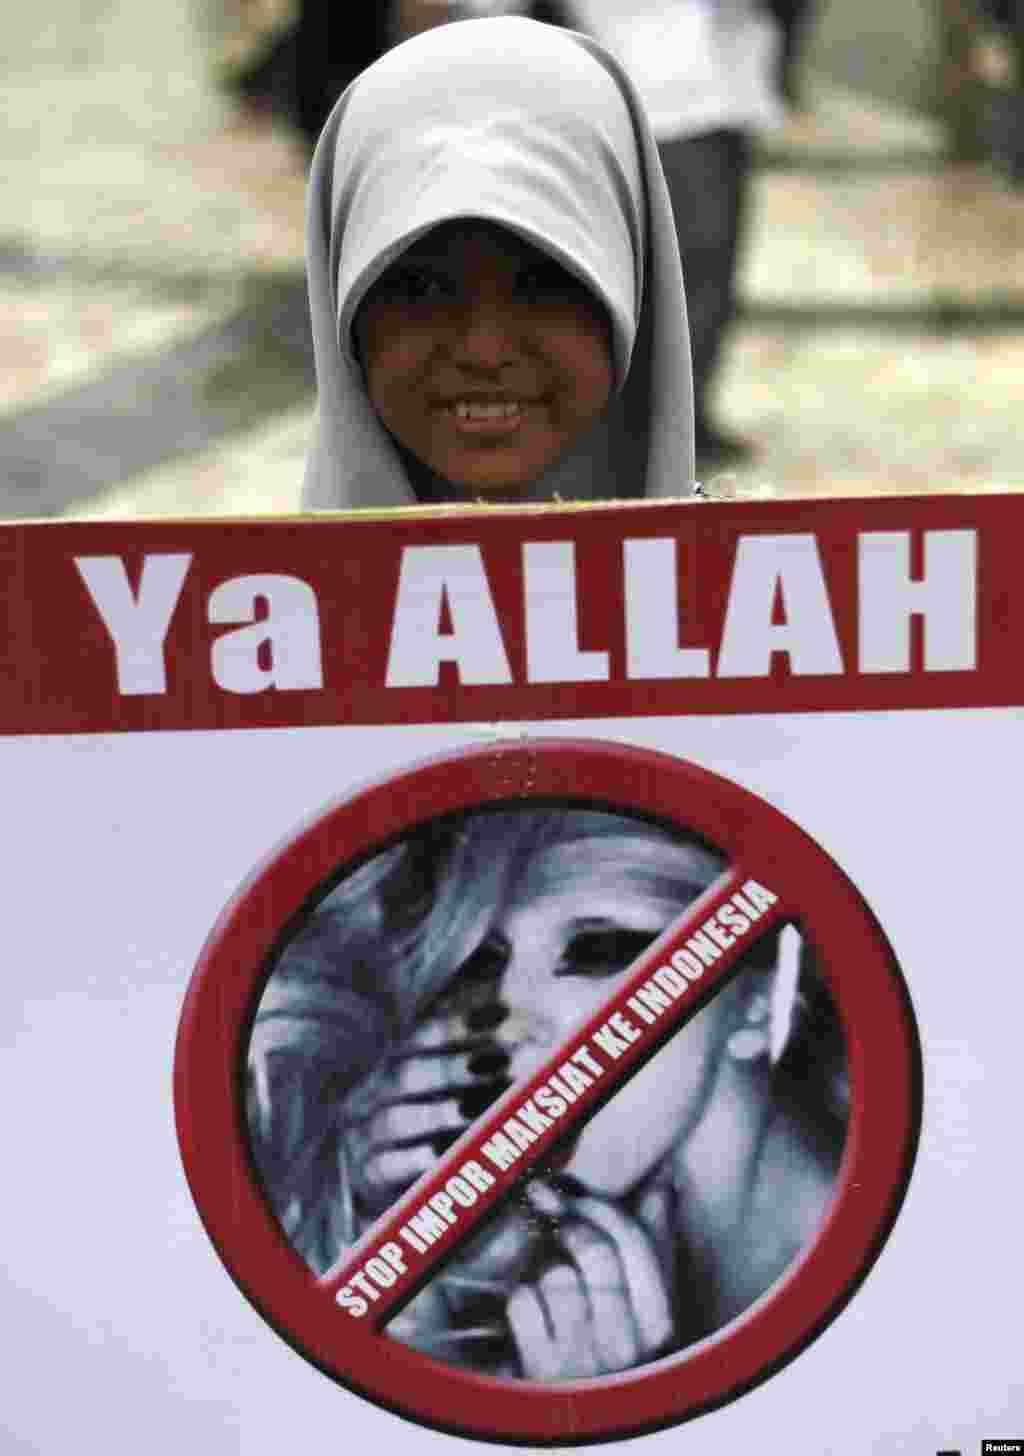 Salah seorang aktivis Muslim dalam demonstrasi yang menuntut pelanggaran konser Lady Gaga, Jakarta, 29 April (Reuters).